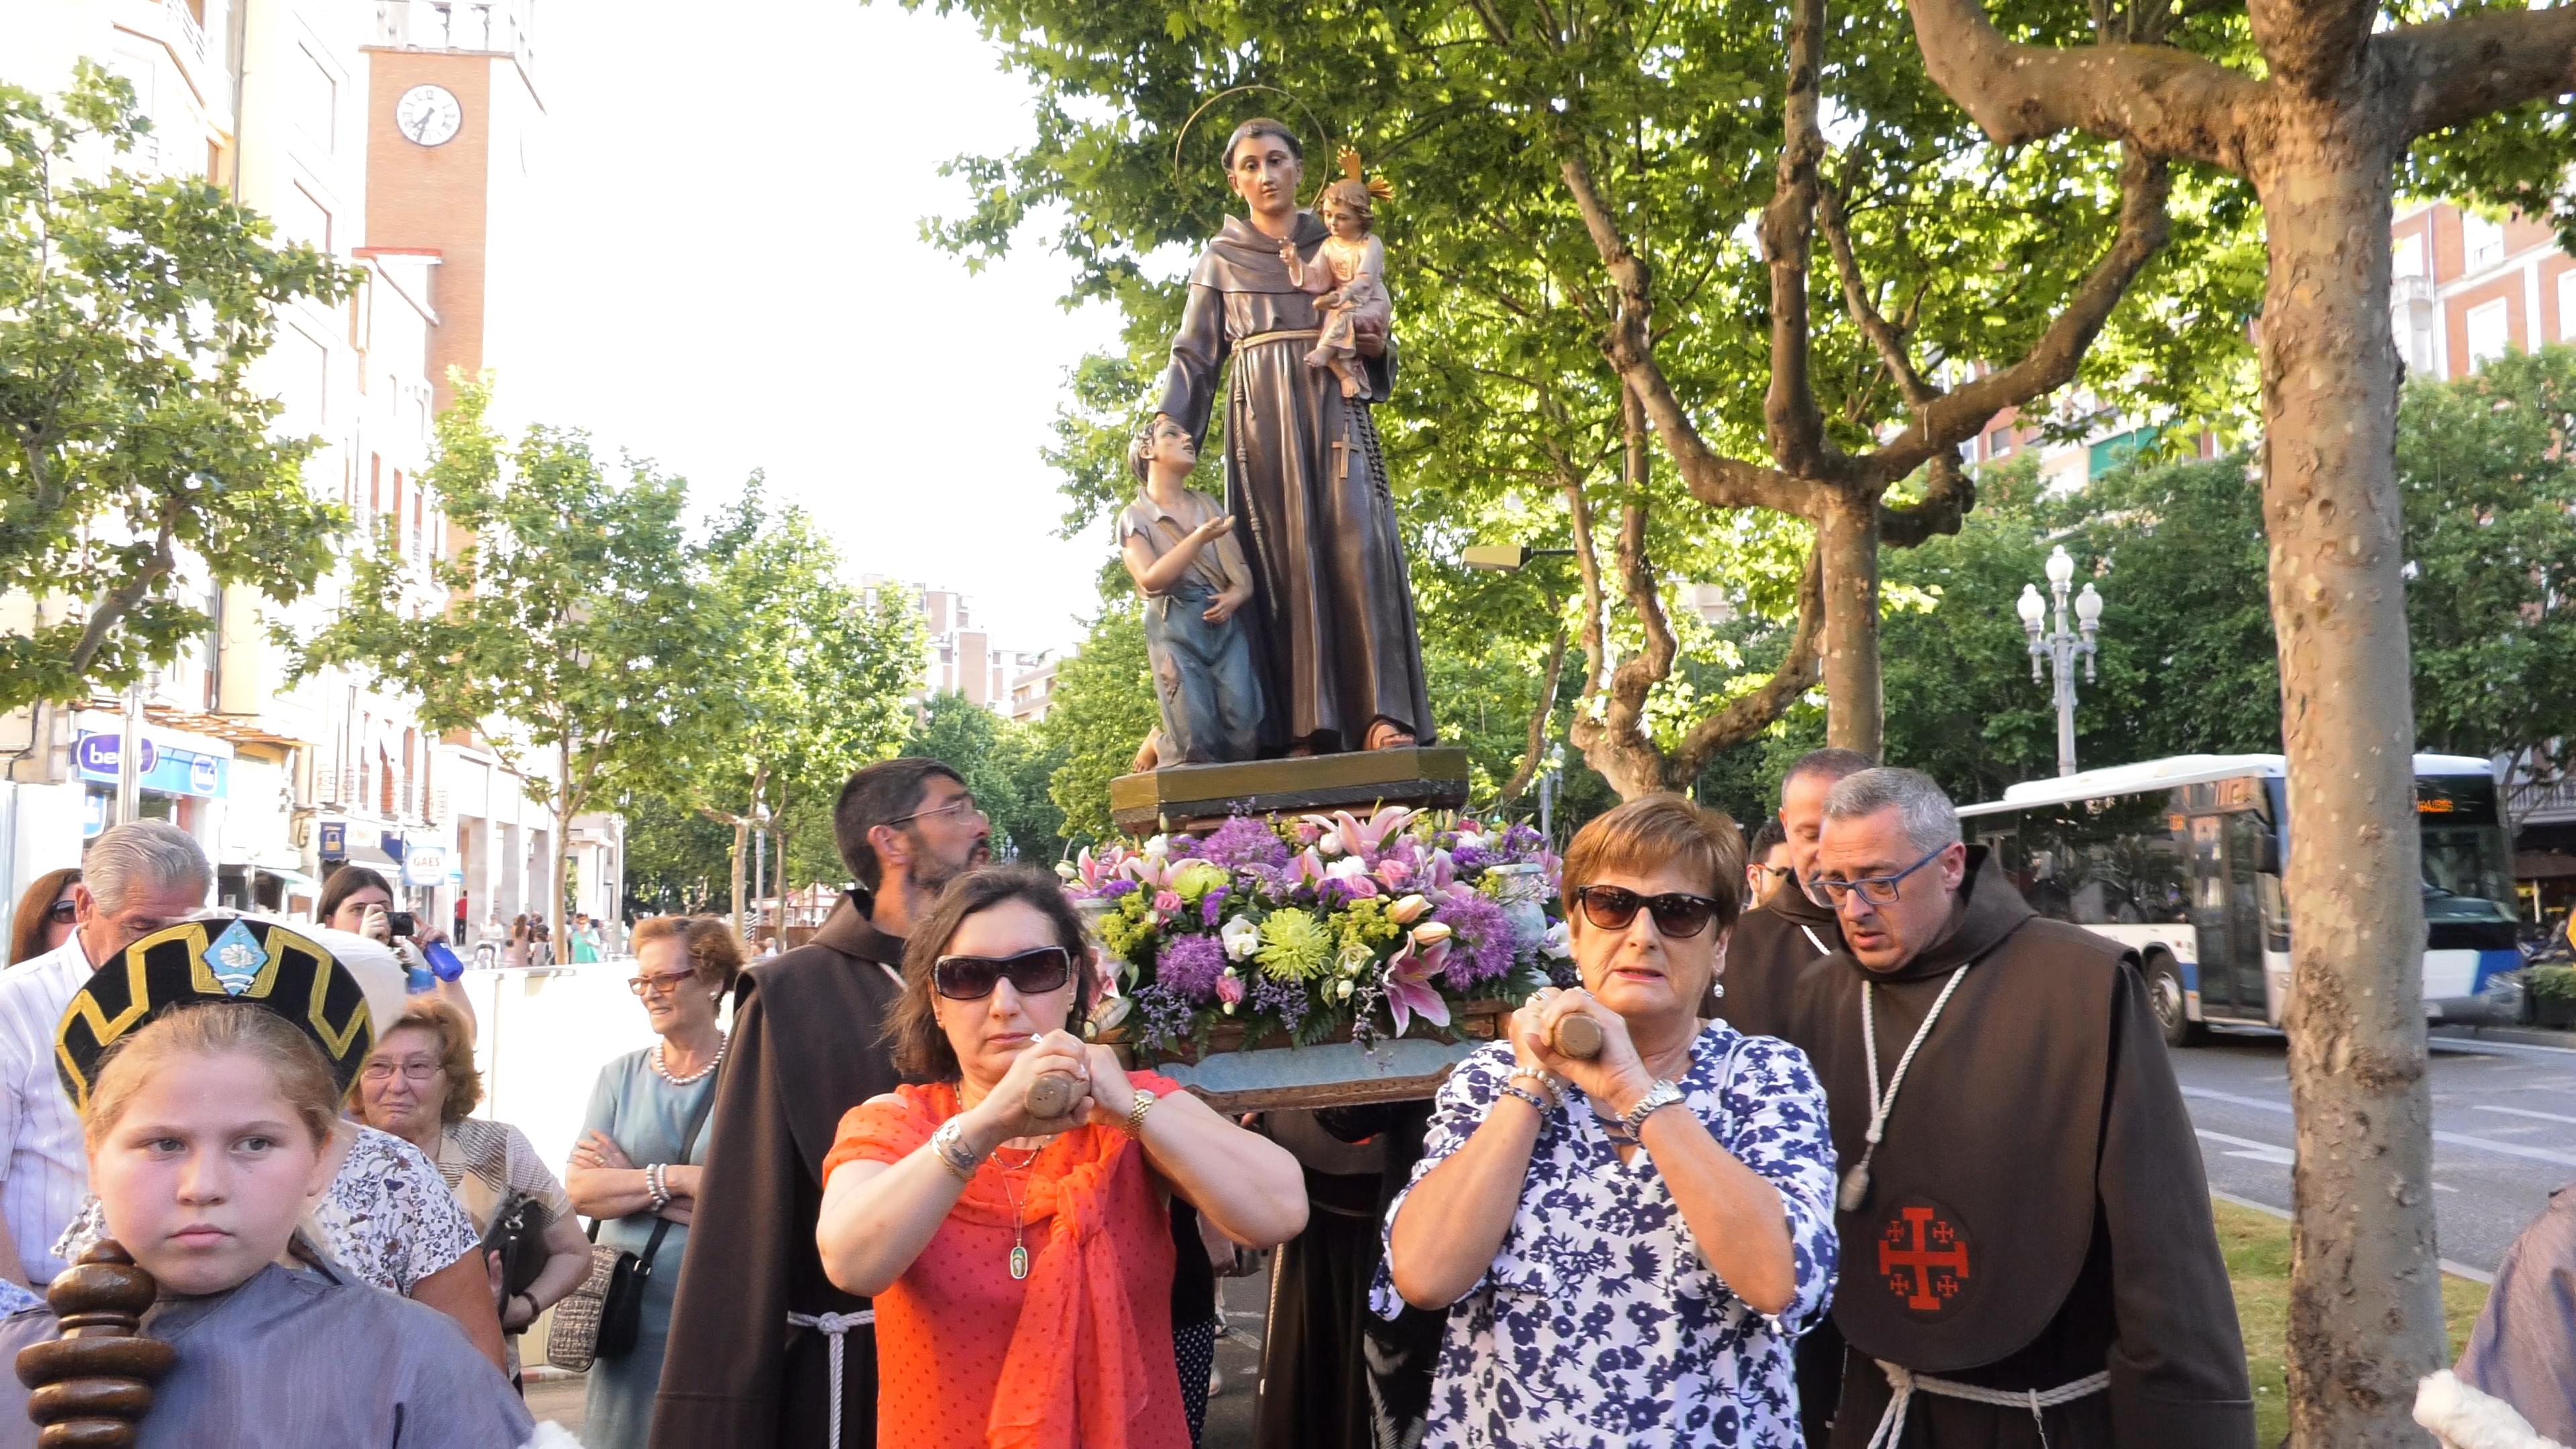 13-6-2017 - Fiesta de San Antonio de Padua